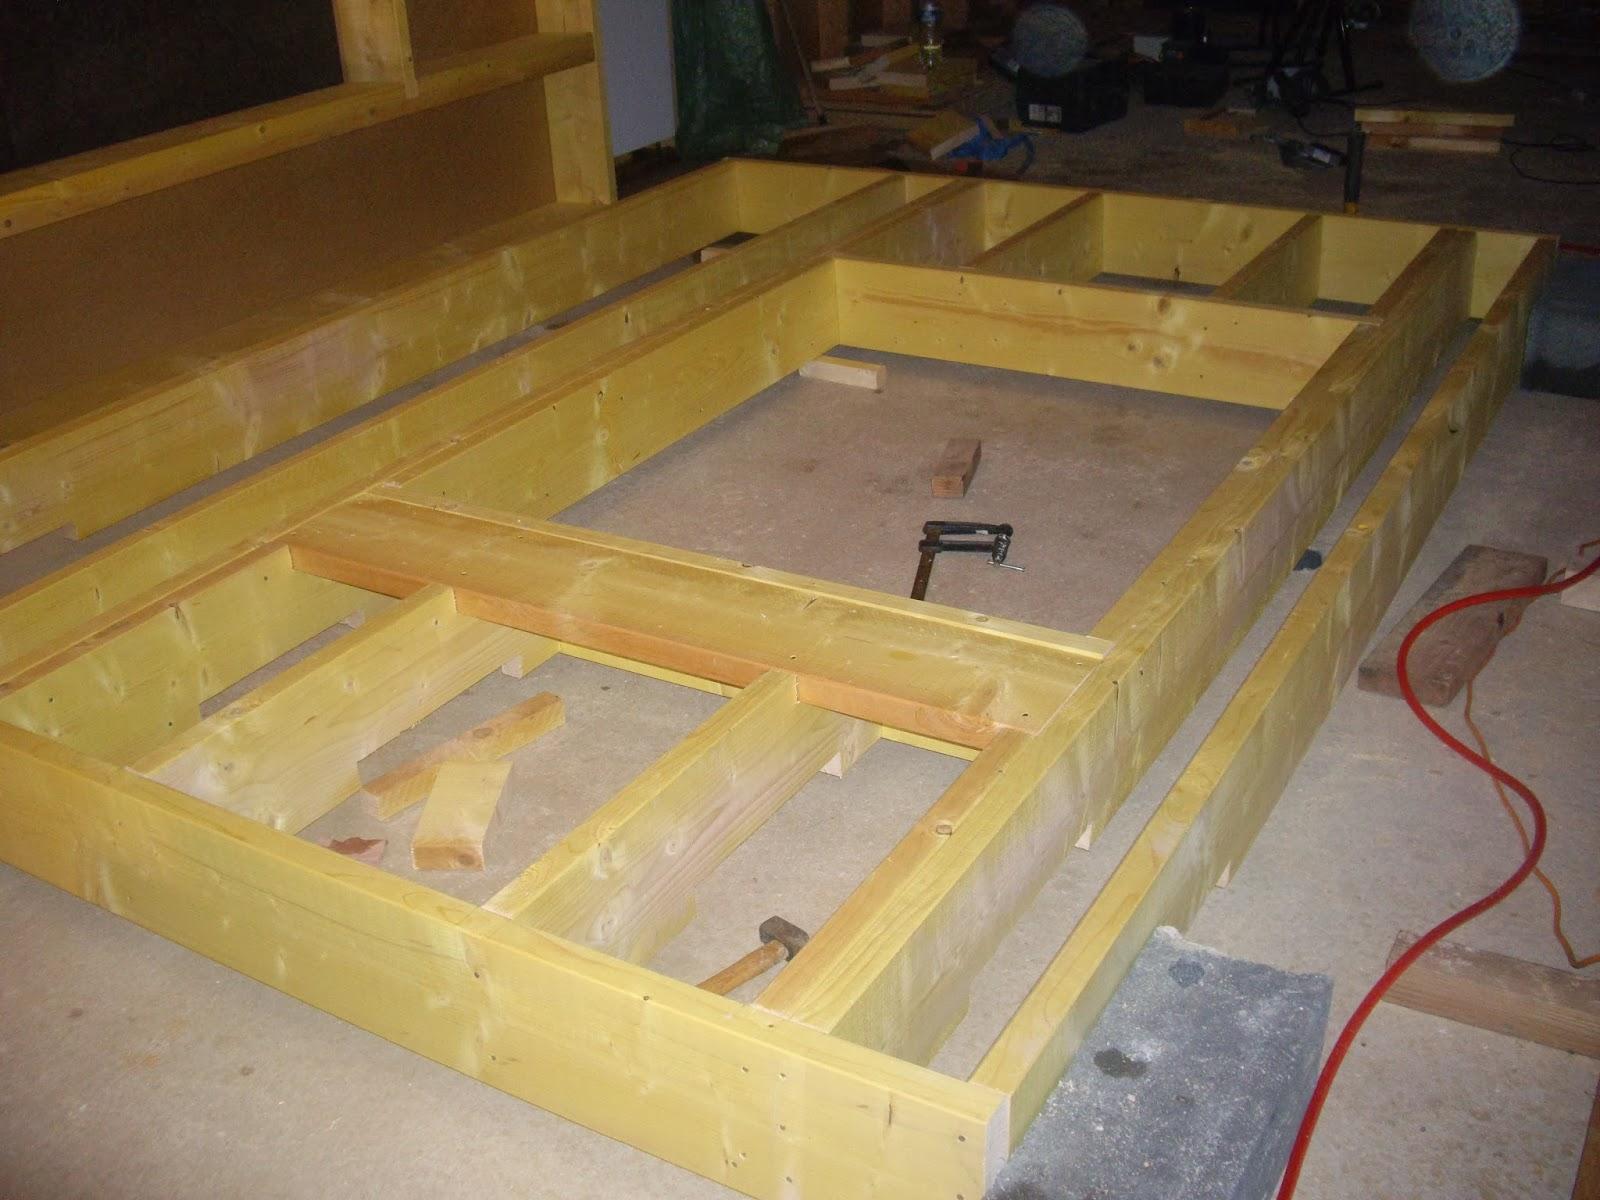 Notre auto construction passive maison ossature bois m o b ossature boi - Construire mezzanine garage ...